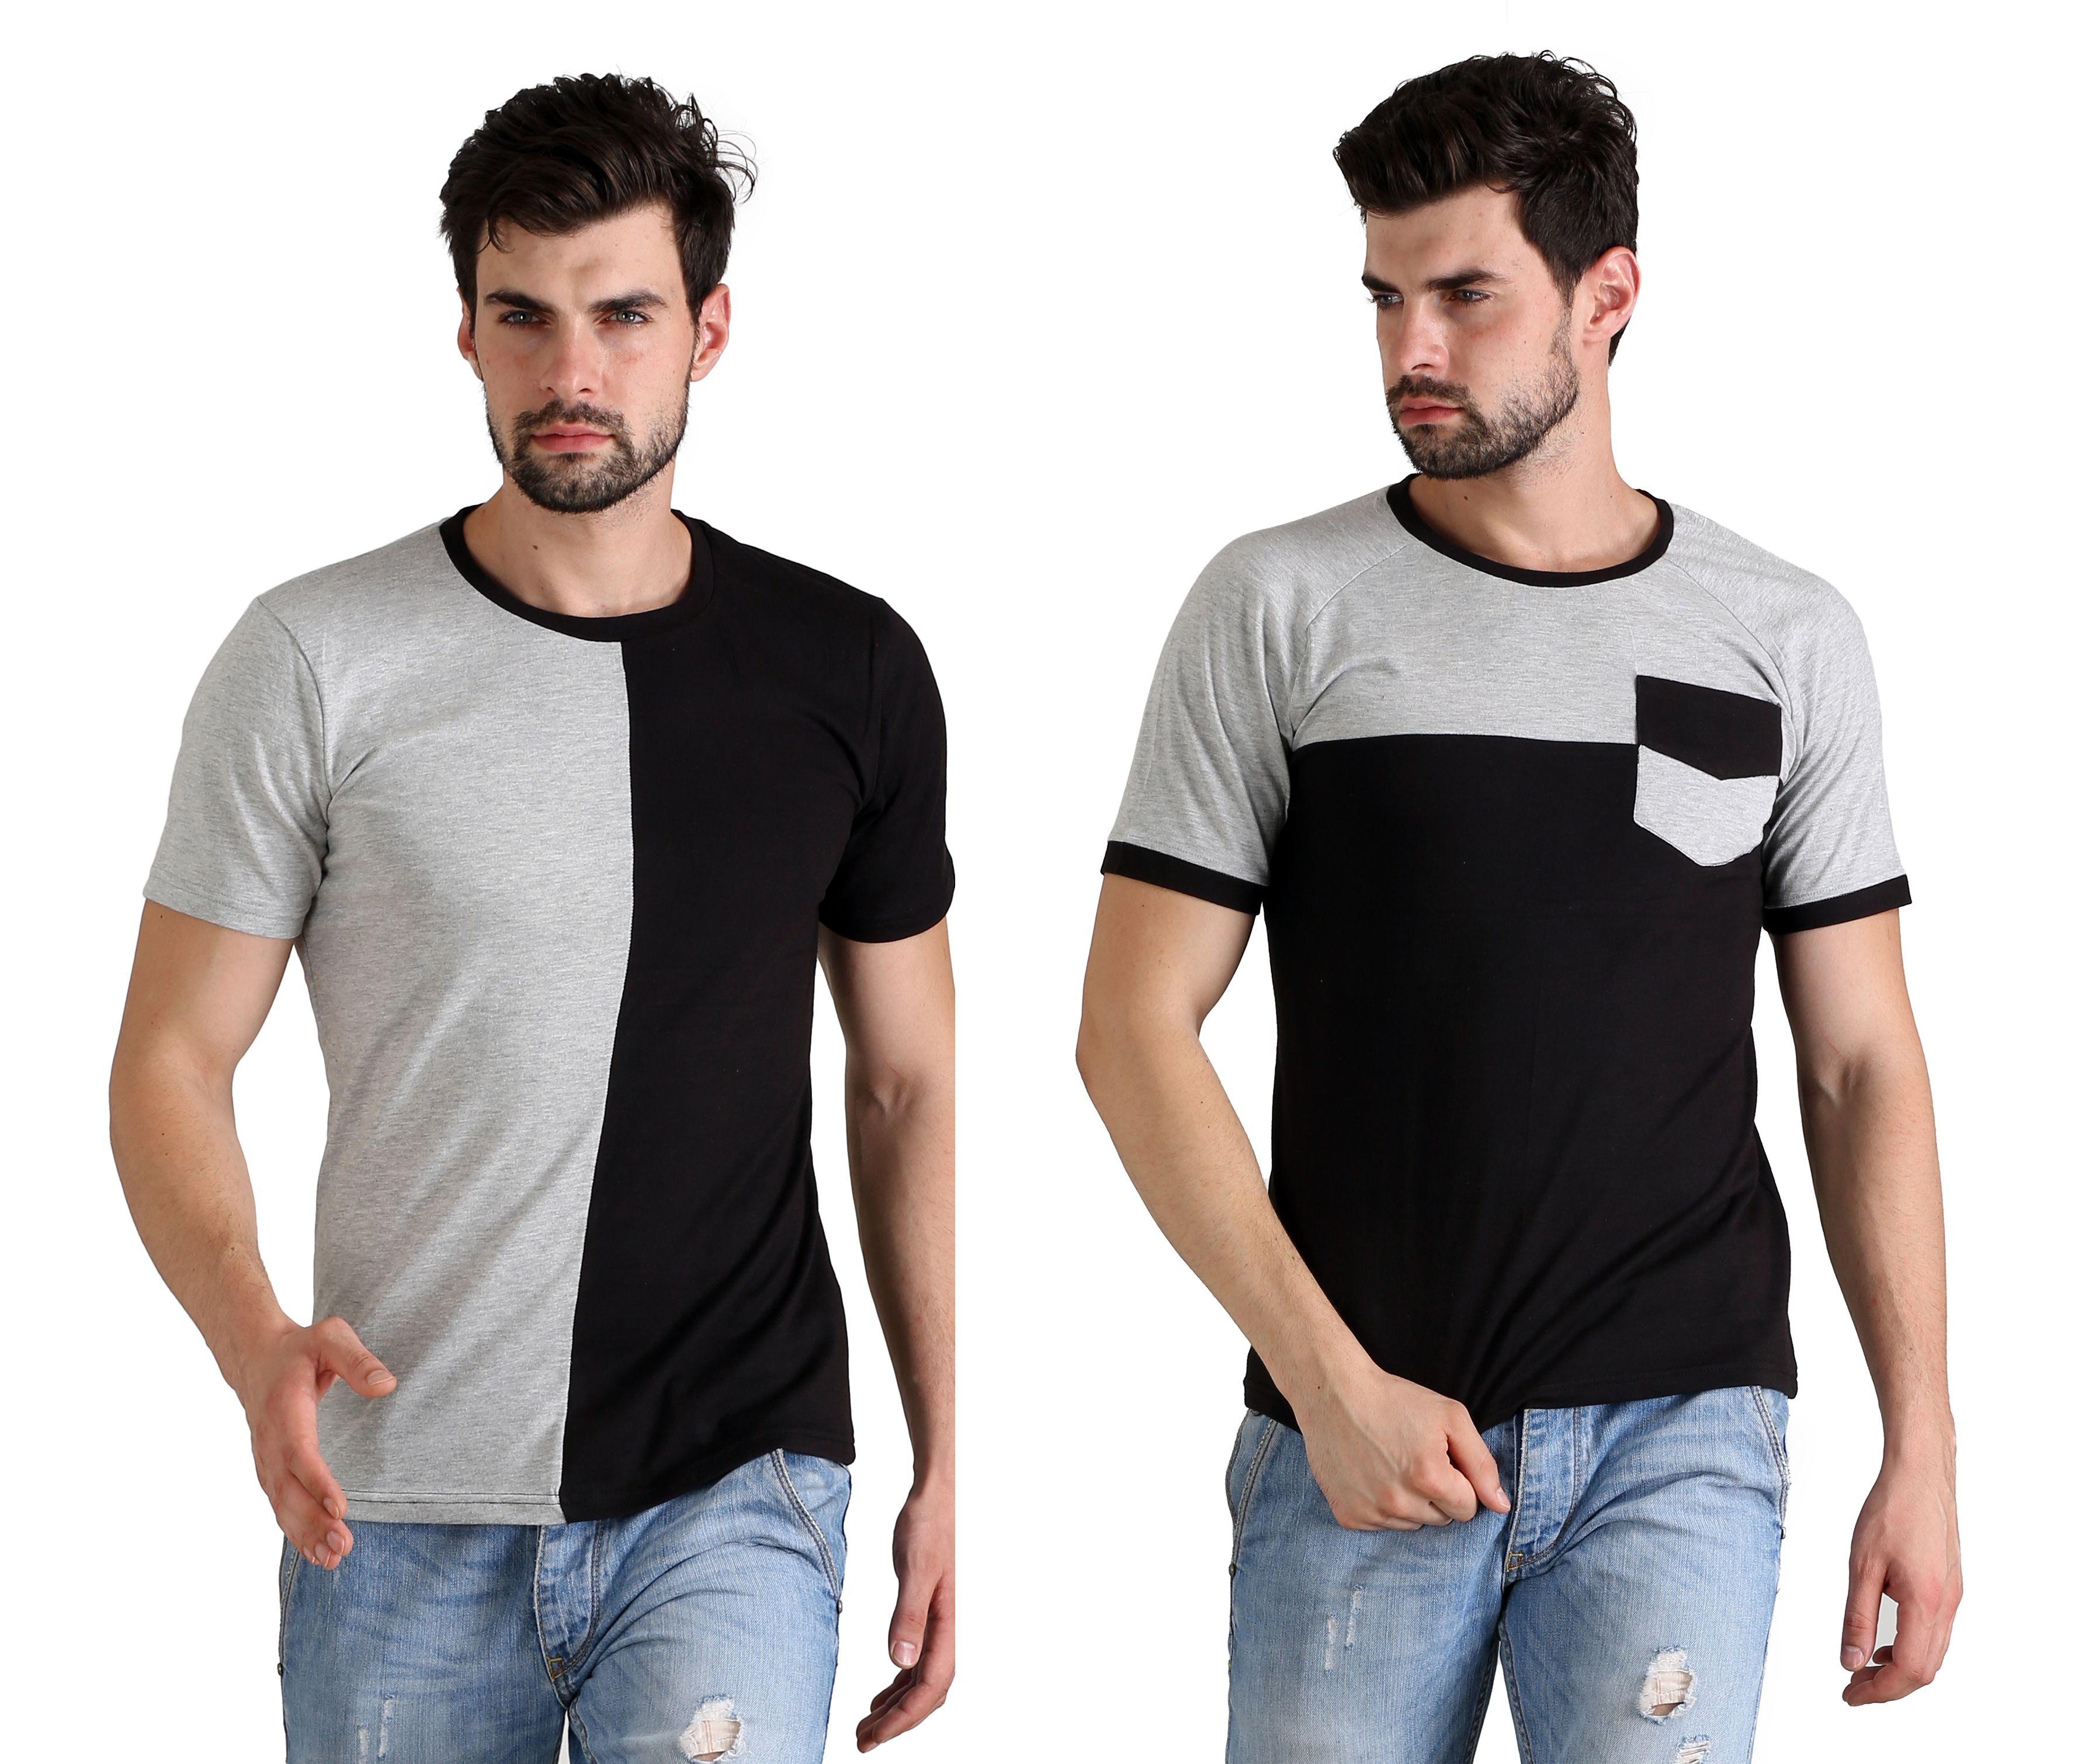 Flingr Multi Round T-Shirt Pack of 2